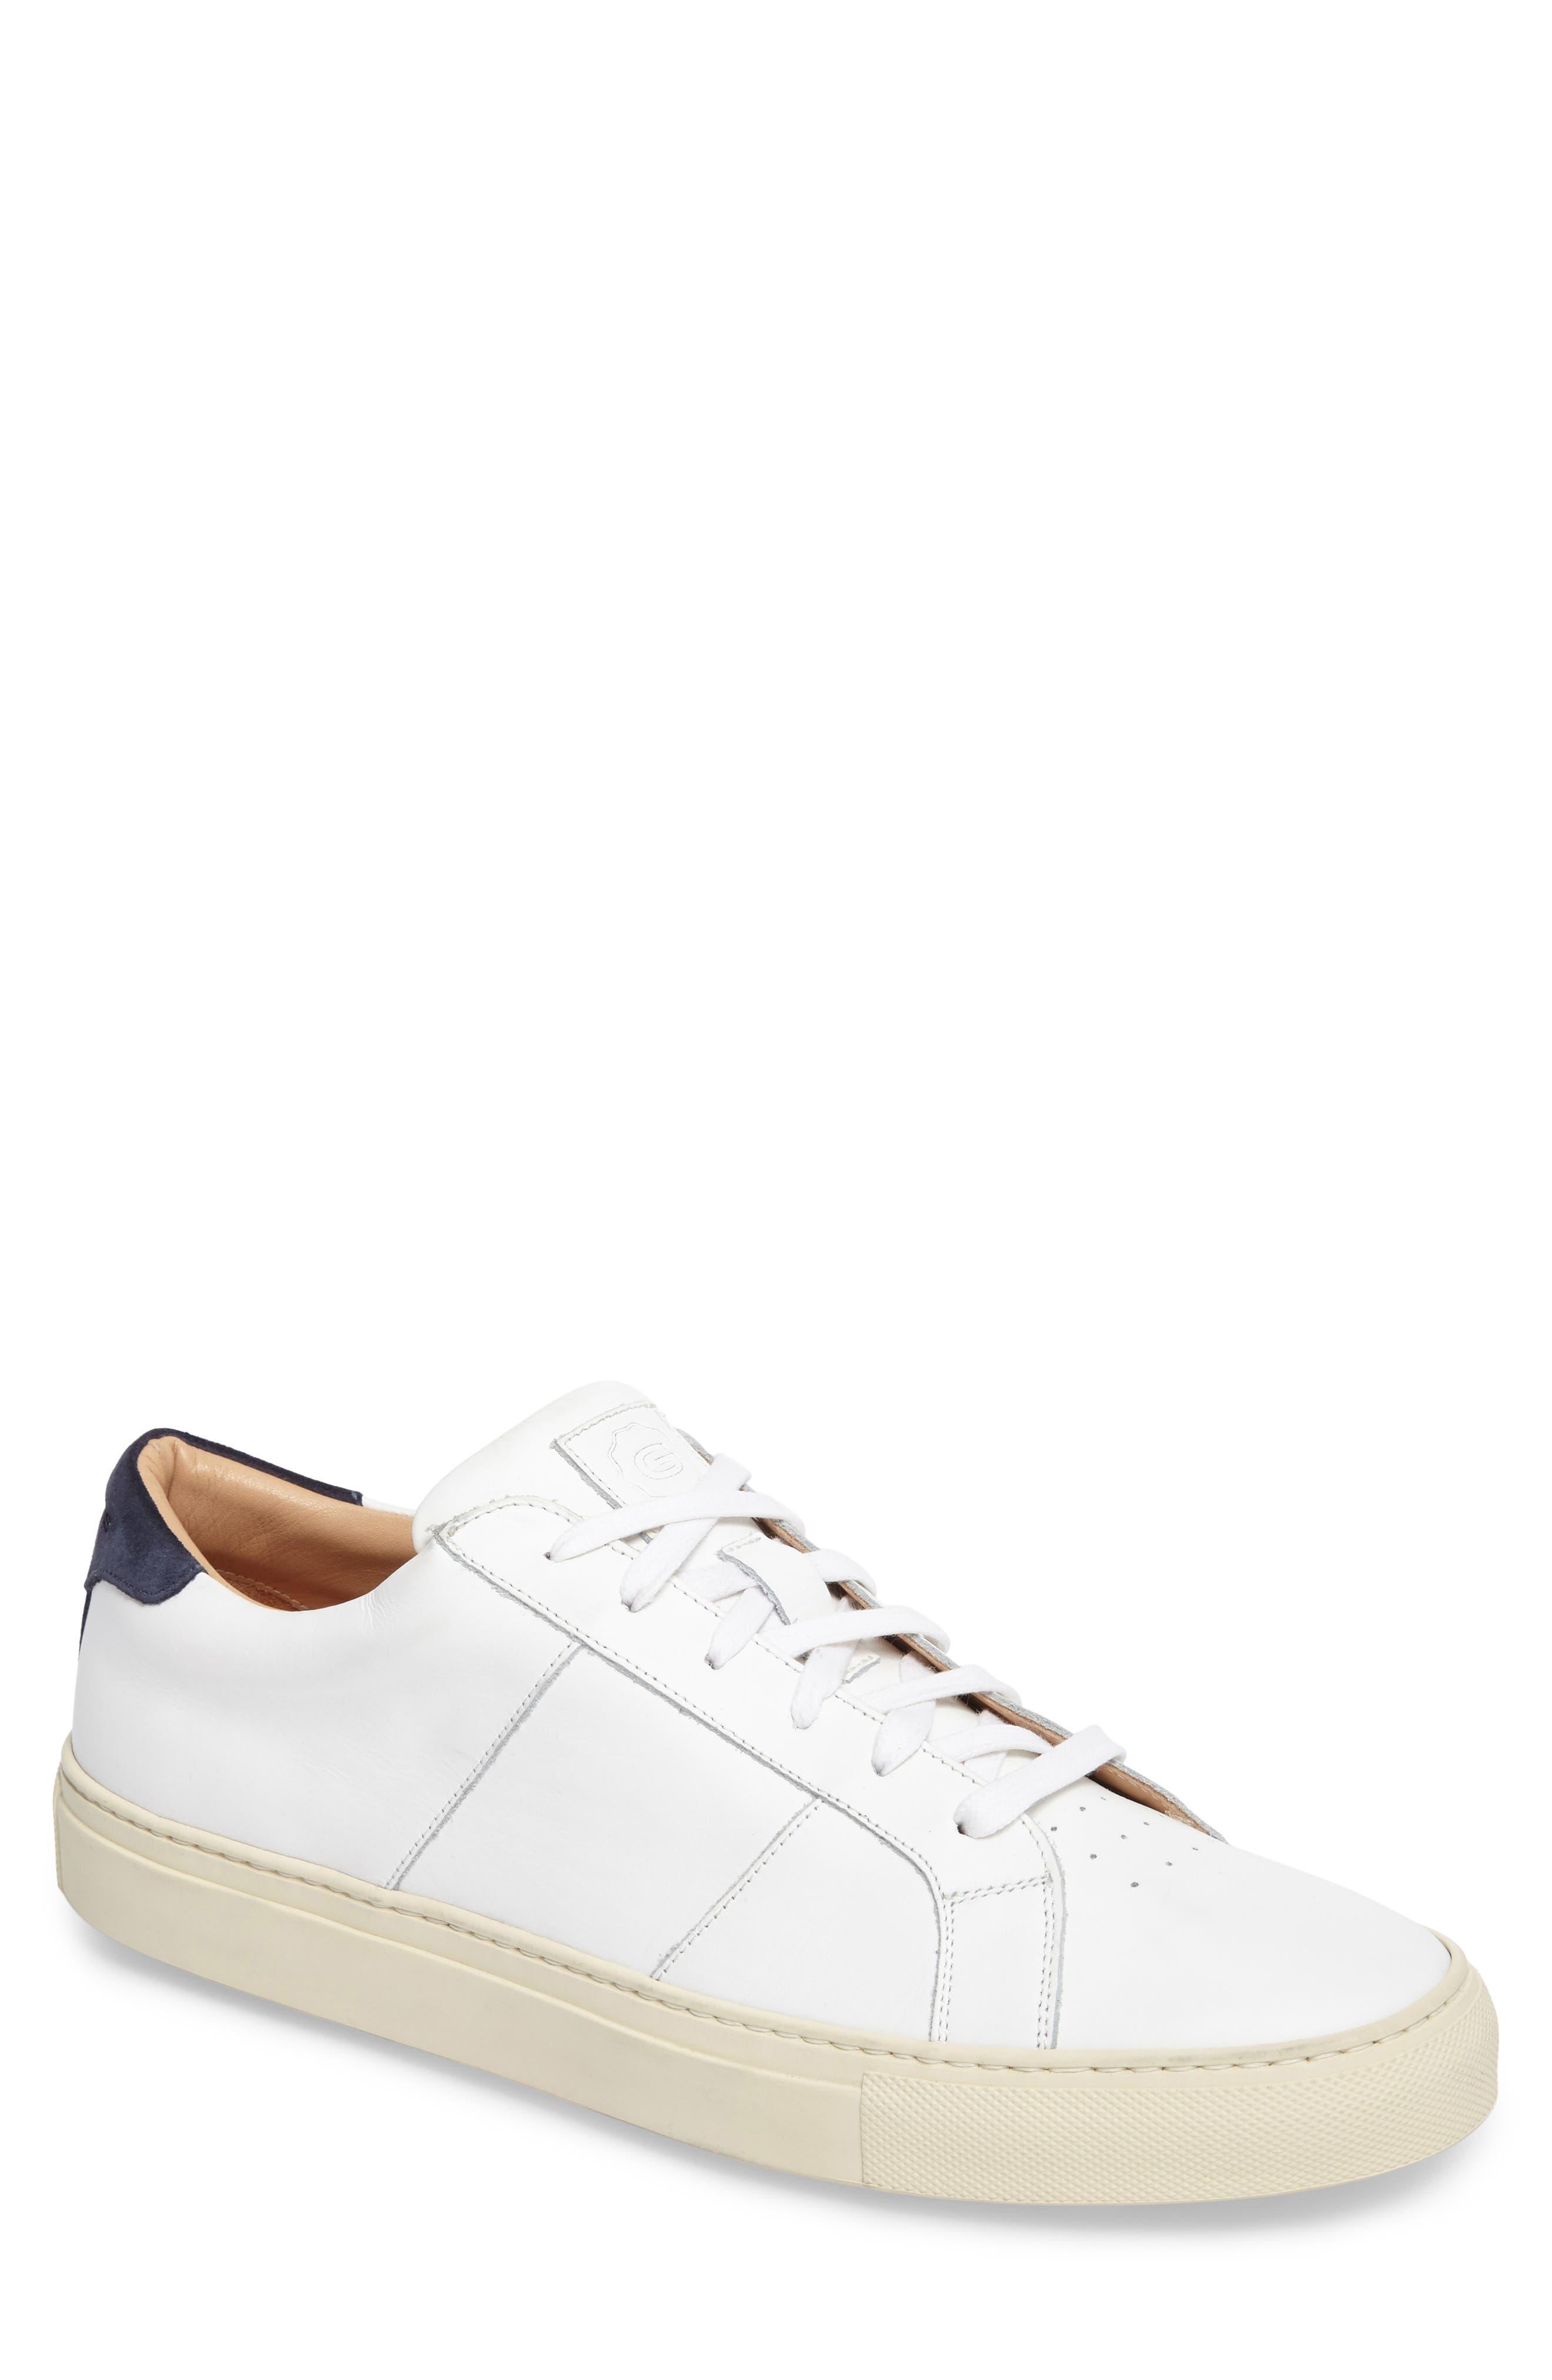 GREATS Royale Vintage Low Top Sneaker